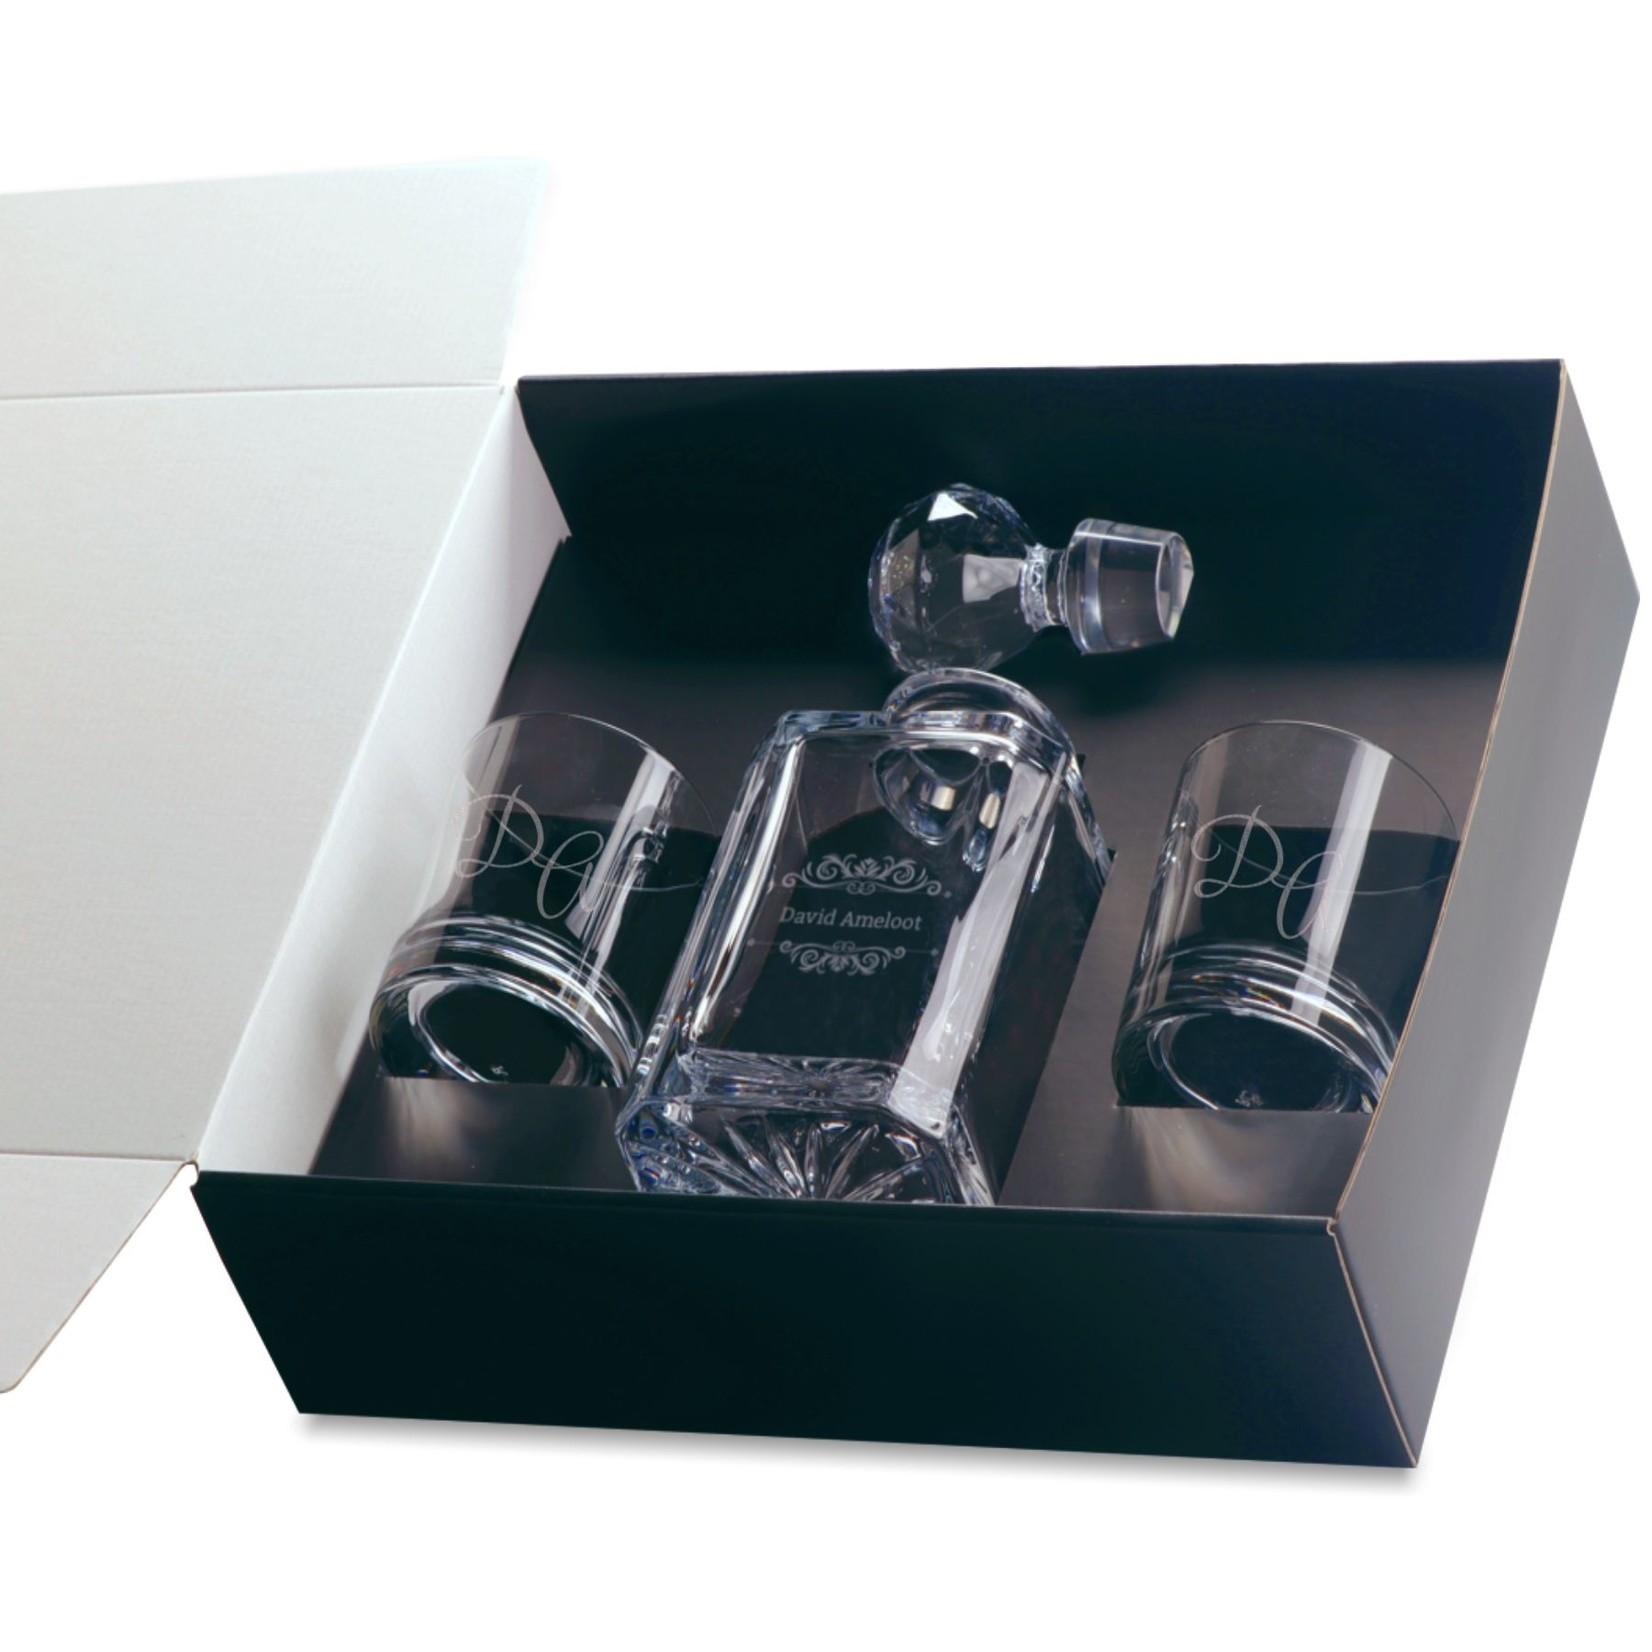 RCR Crystal Whisky Geschenk Set Kristal